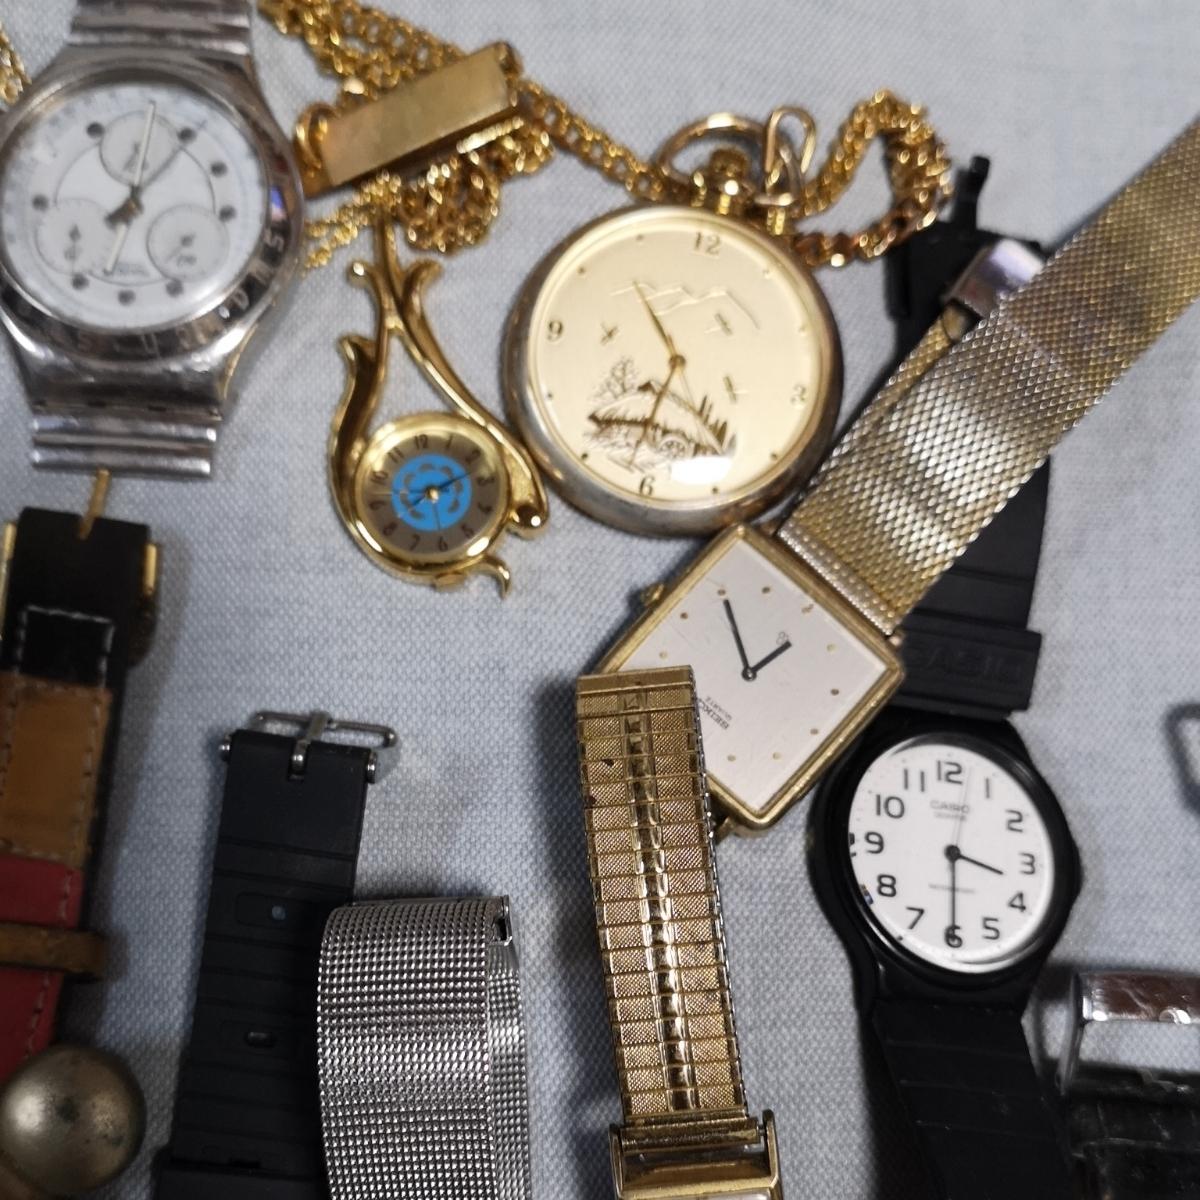 腕時計 大量 50個 SEIKO CITIZEN カシオ クォーツ 手巻 懐中時計 銀時計 ジャンク_画像6